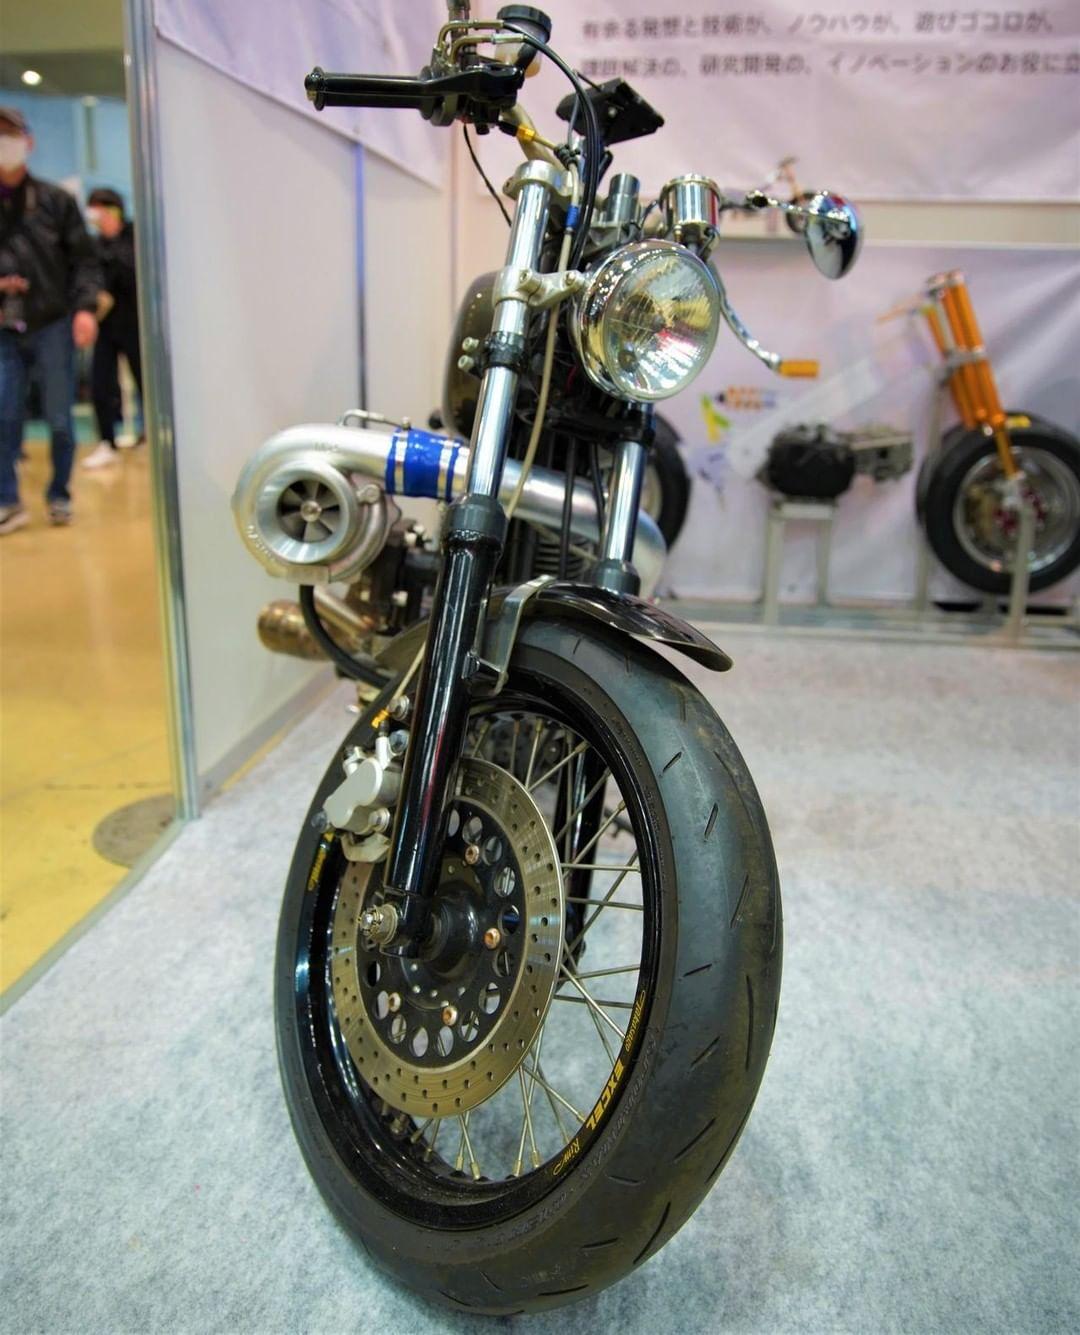 でっかいターボ付きのすごいバイク!乗ってみたい!